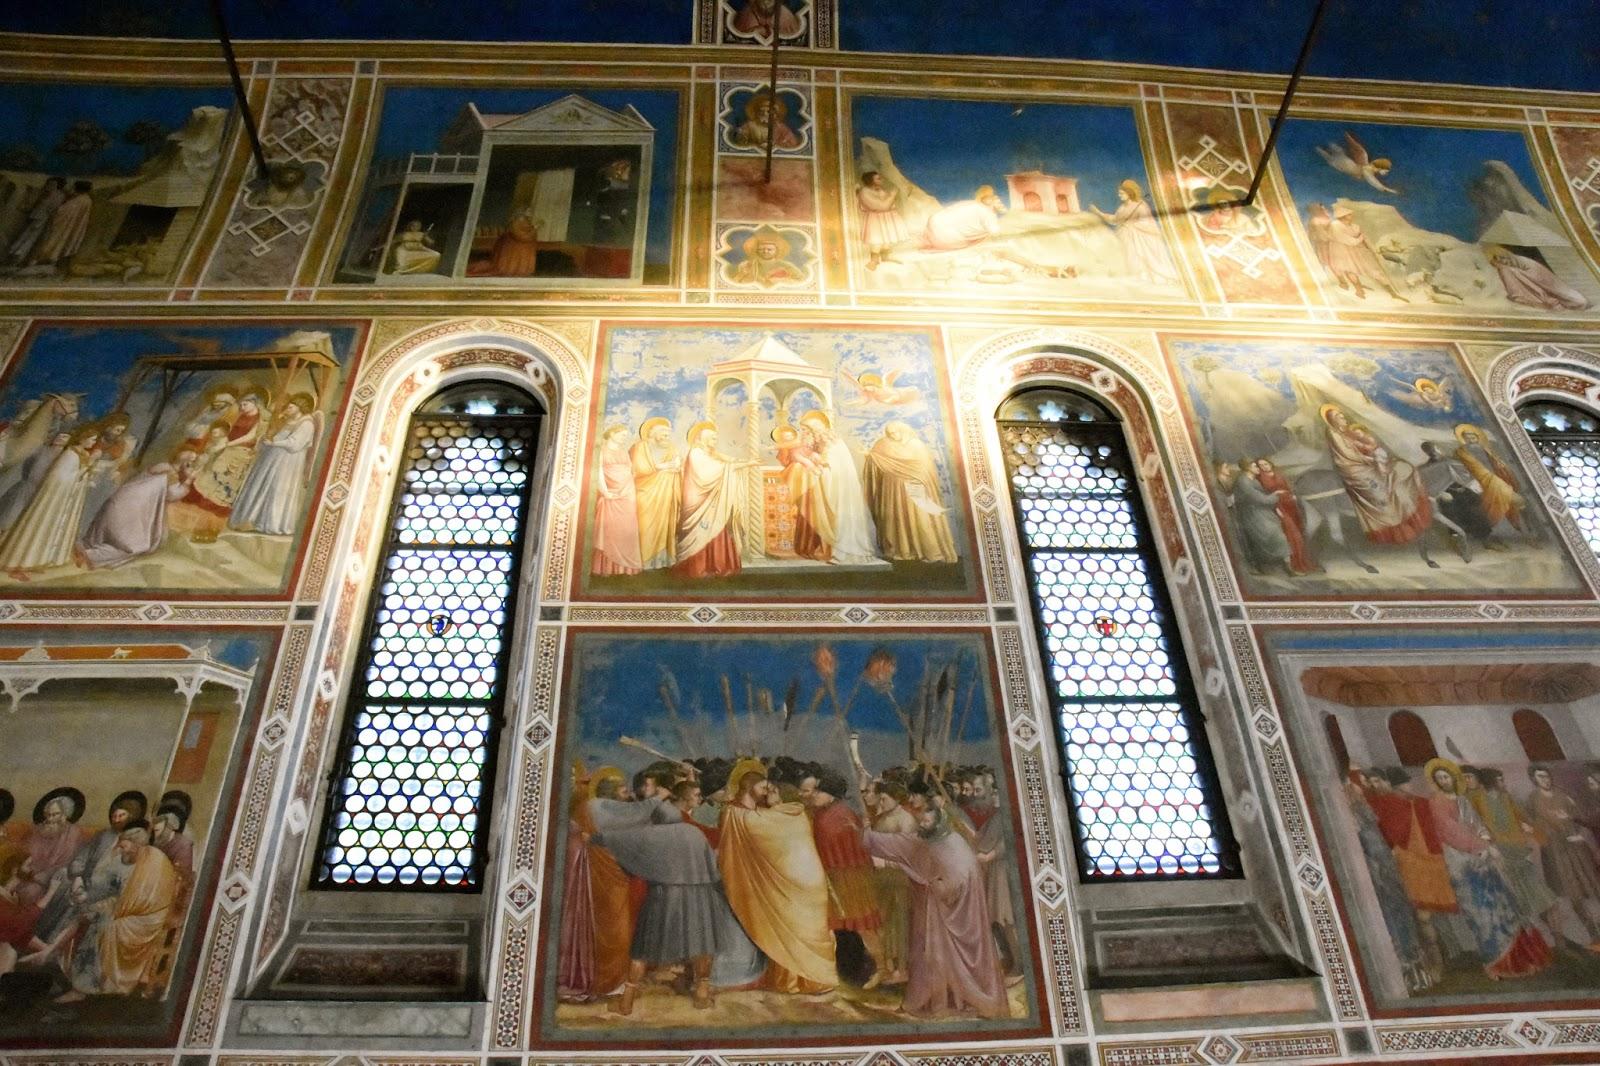 La cappella degli scrovegni a padova profumo di broccoli - La finestra padova ...